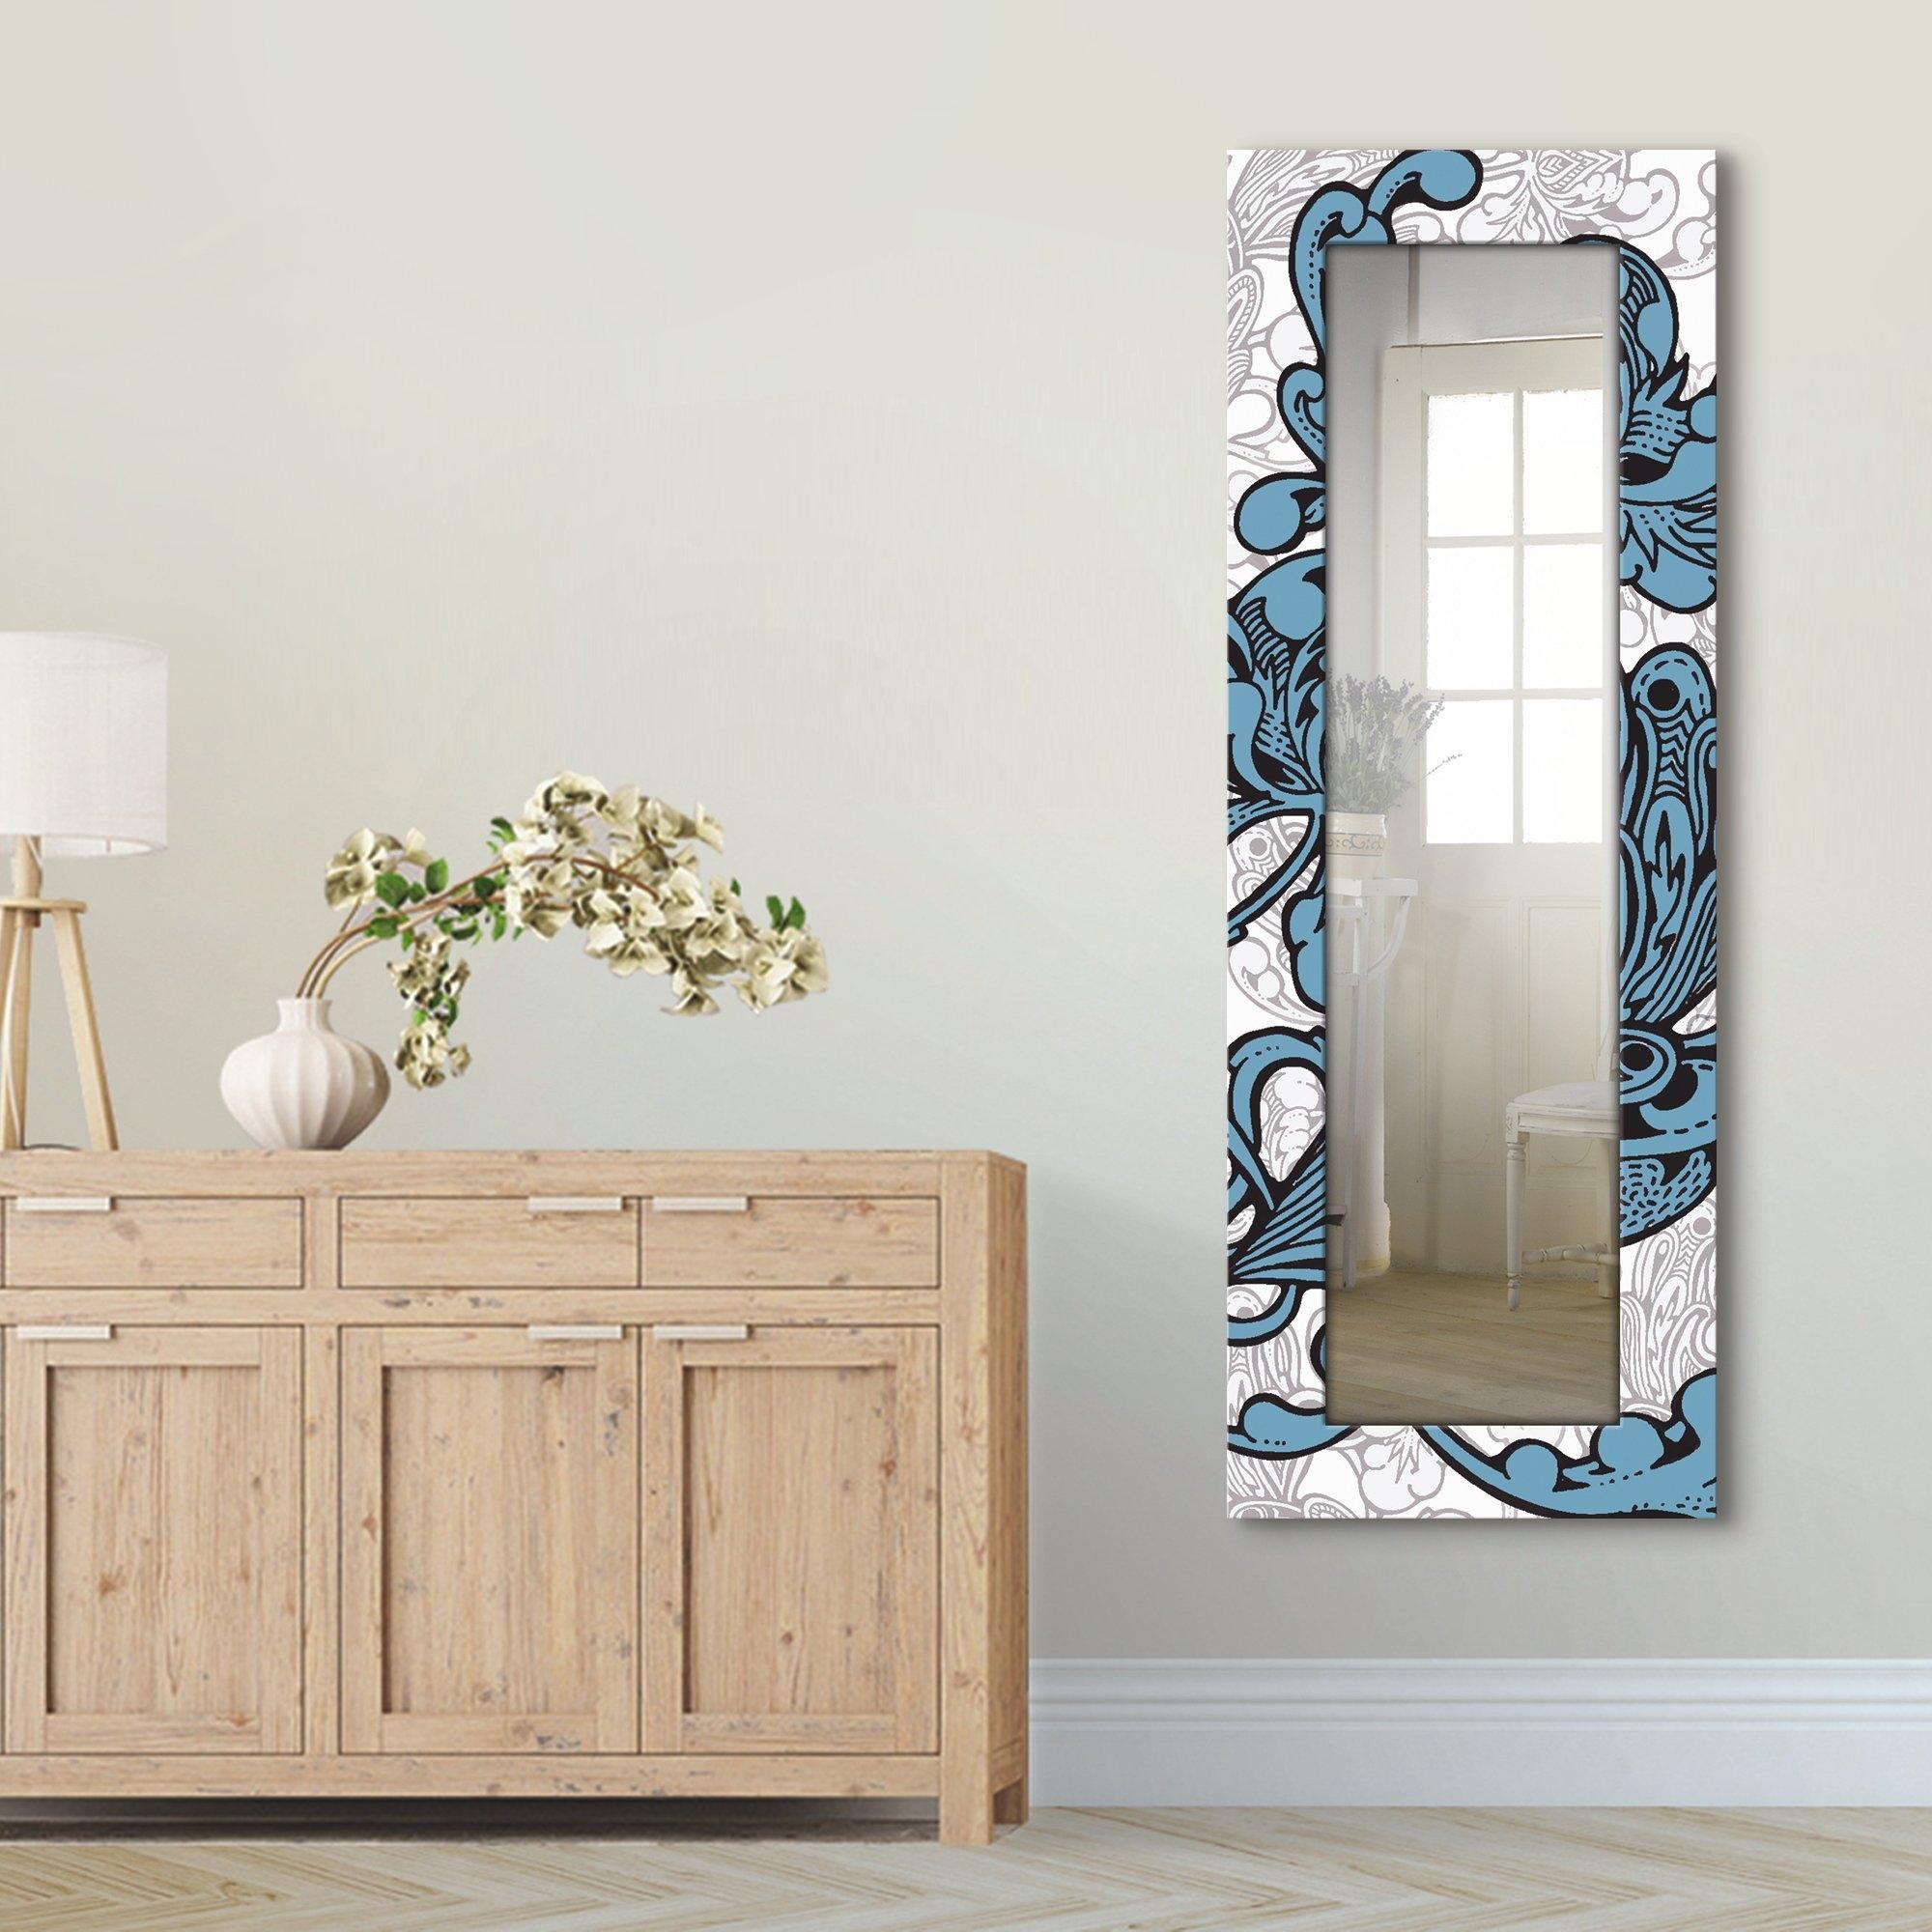 Artland wandspiegel Blue Ornaments ingelijste spiegel voor het hele lichaam met motiefrand, geschikt voor kleine, smalle hal, halspiegel, mirror spiegel omrand om op te hangen voordelig en veilig online kopen